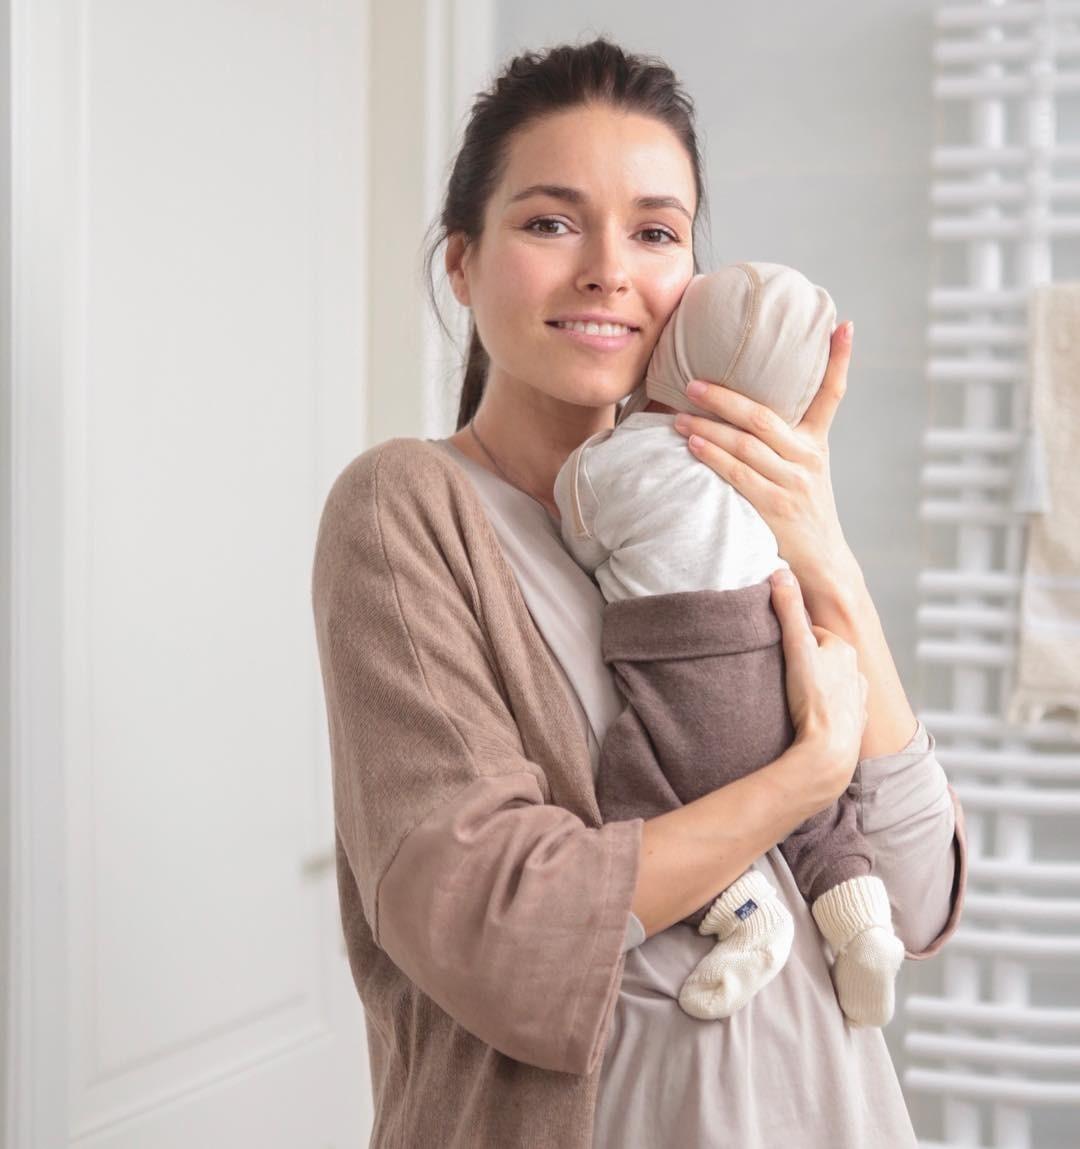 Ирена Понарошку рассказала, как справляется с избыточным весом после вторых родов